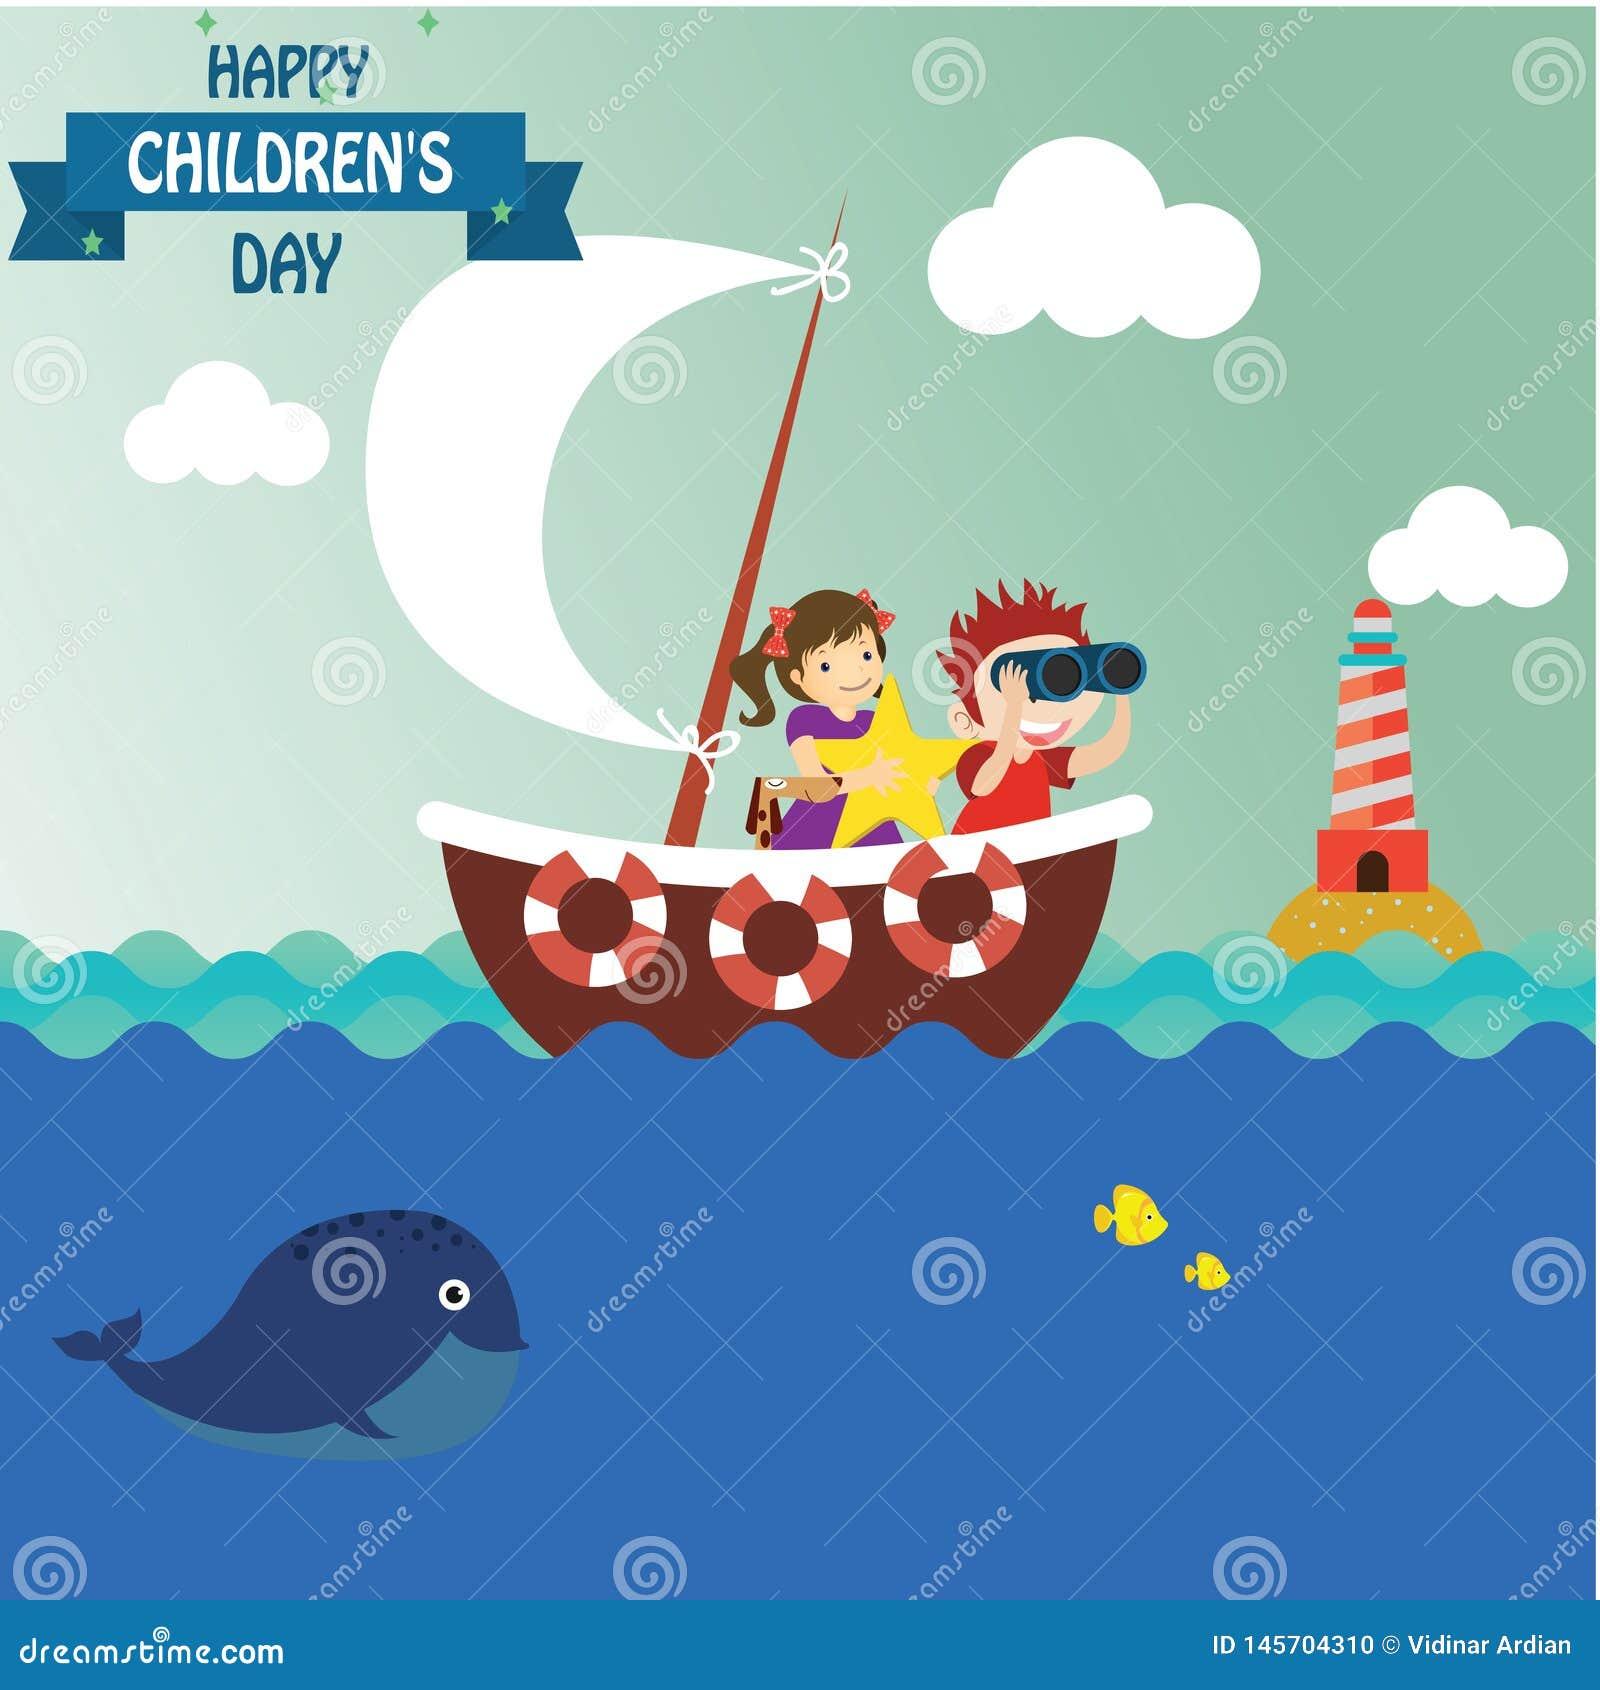 Fundo feliz do dia das crian?as Ilustra??o do vetor do cartaz universal do dia das crian?as ano novo feliz 2007 liso Frame redond